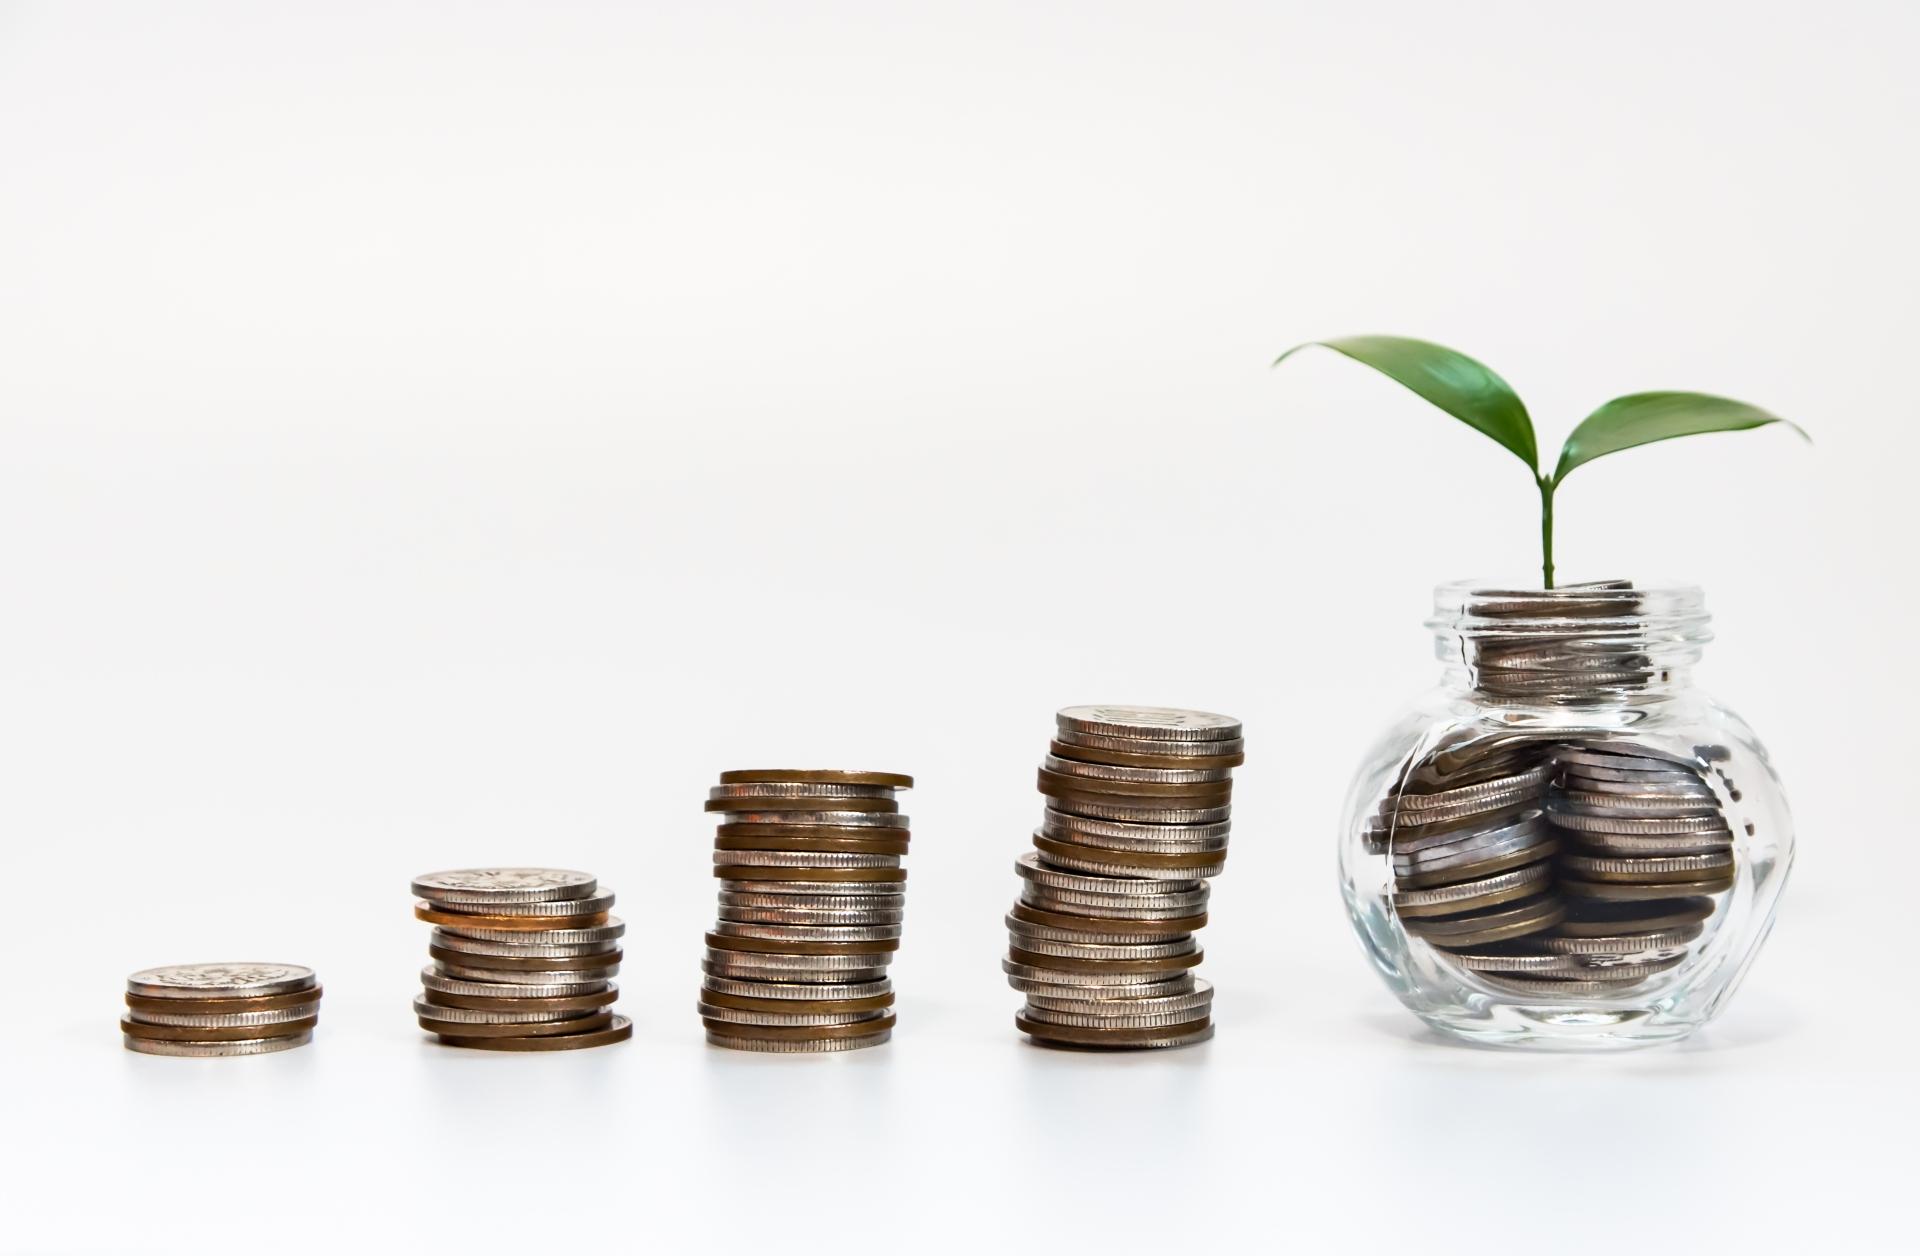 ファイナンシャルプランに希望を与える5つのステップ 2.投資を加える